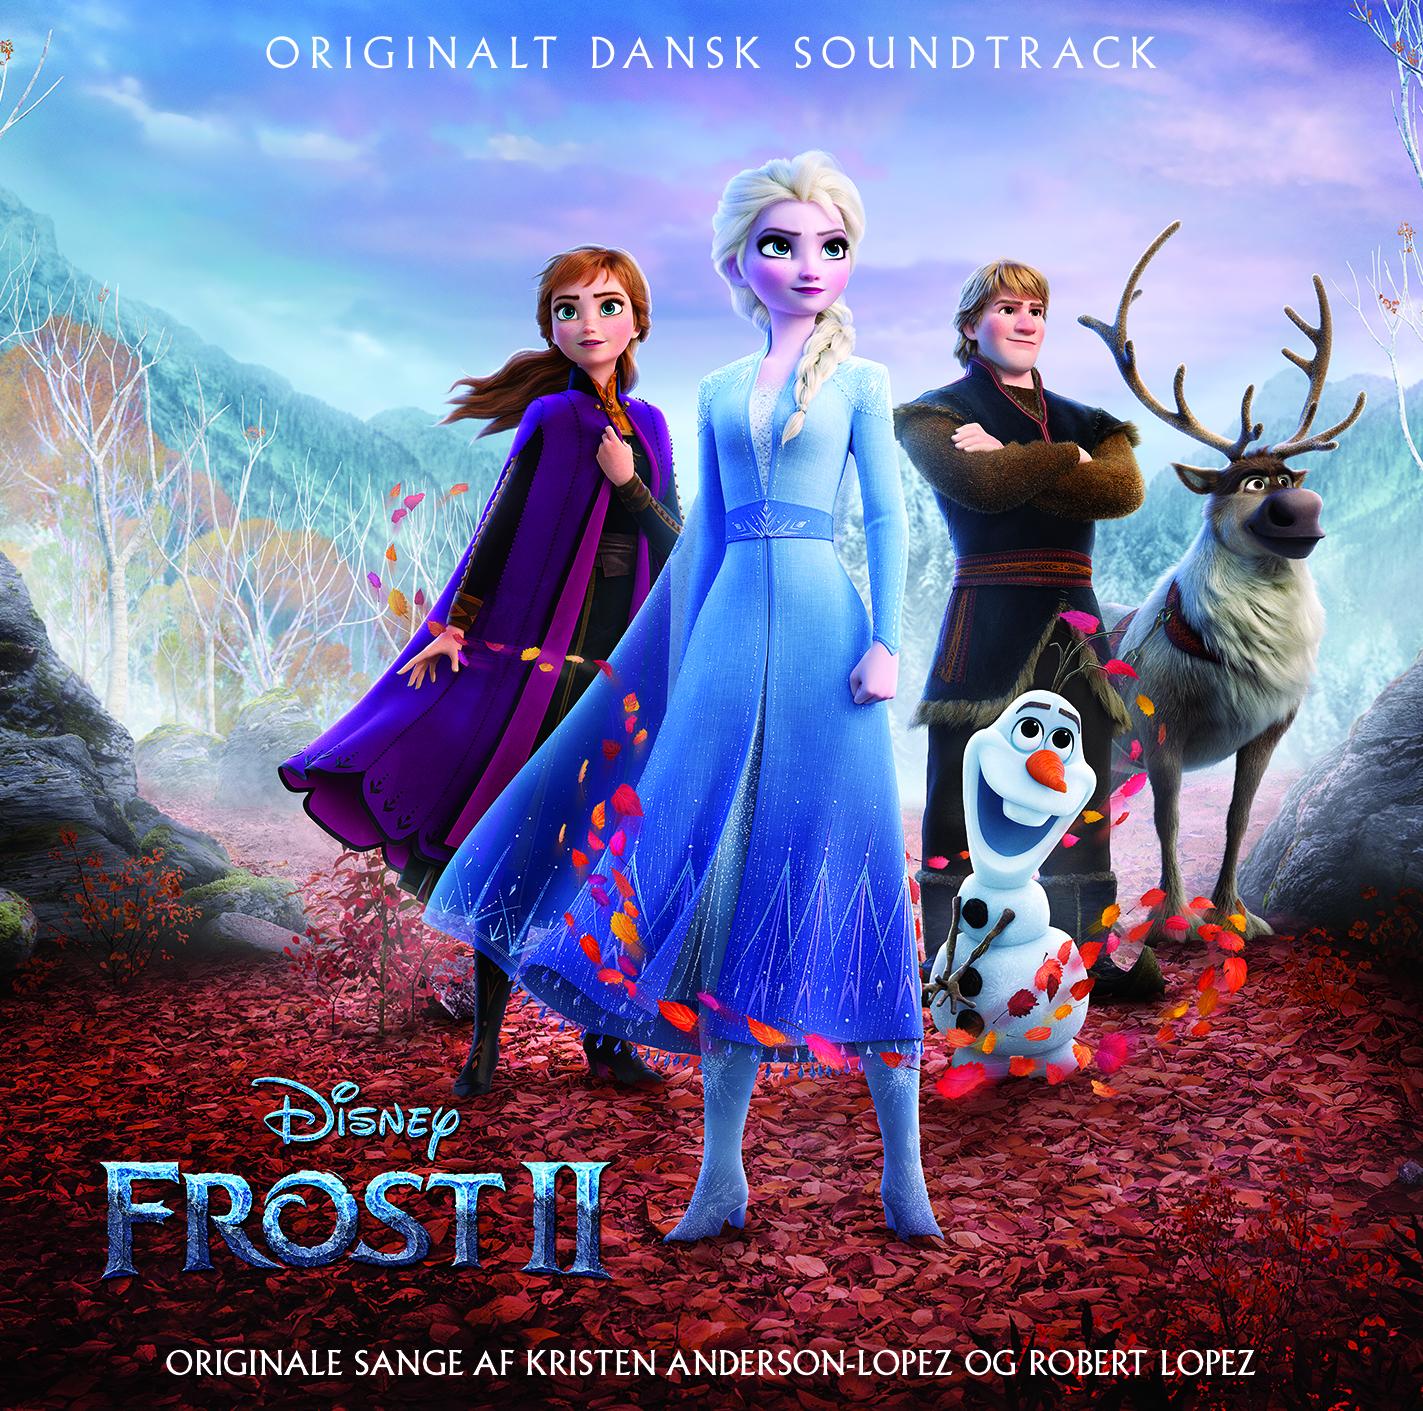 Frost 2 (Soundtrack) - V/A - Musik -  - 0050087432904 - 13/12-2019